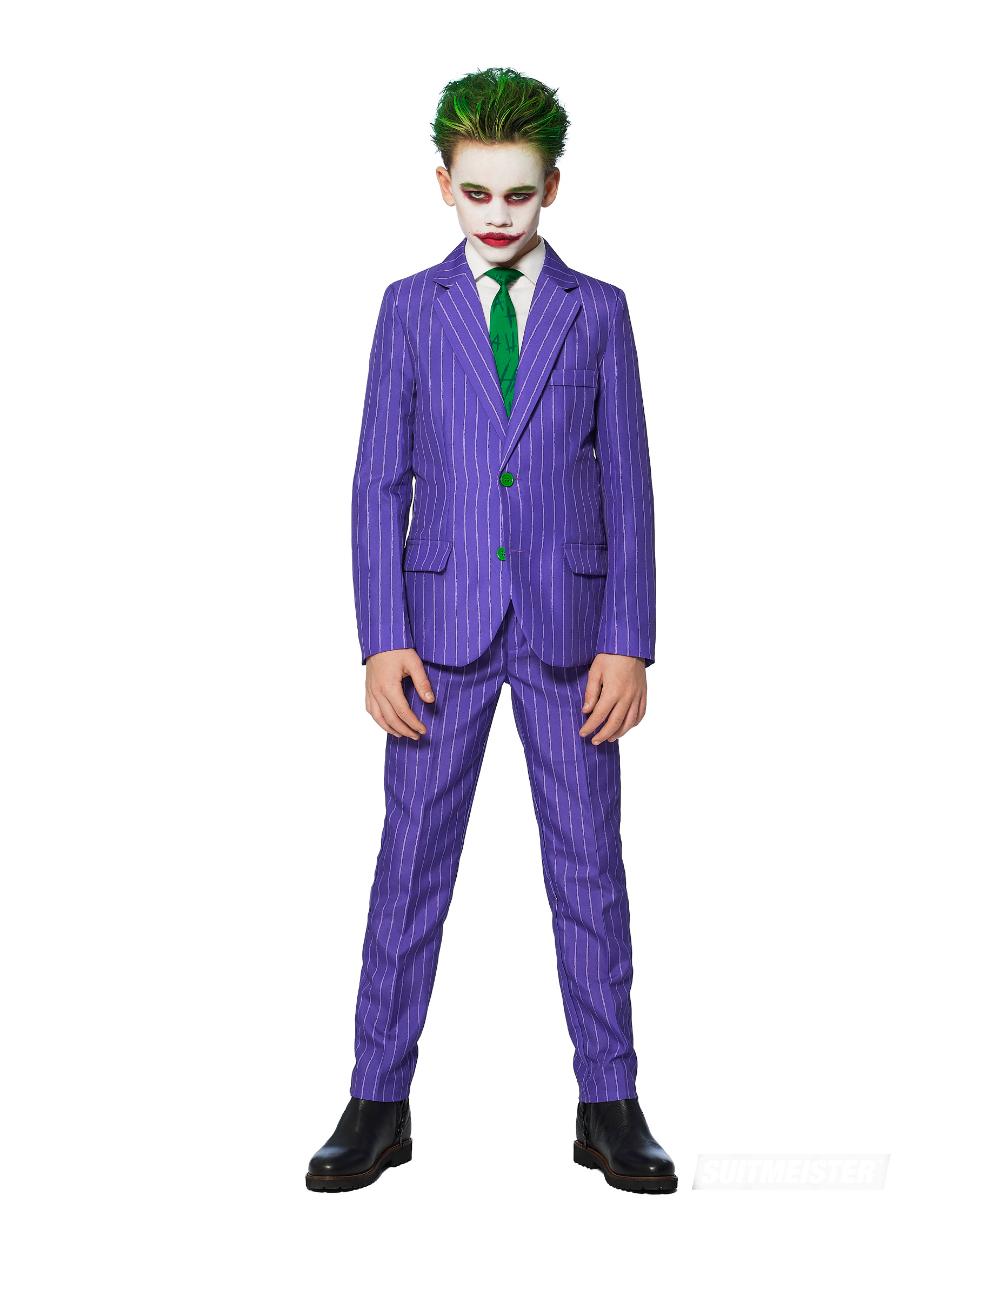 Mr. Joker™ Suitmeister™ kostuum voor kinderen: Dit Mr. Joker